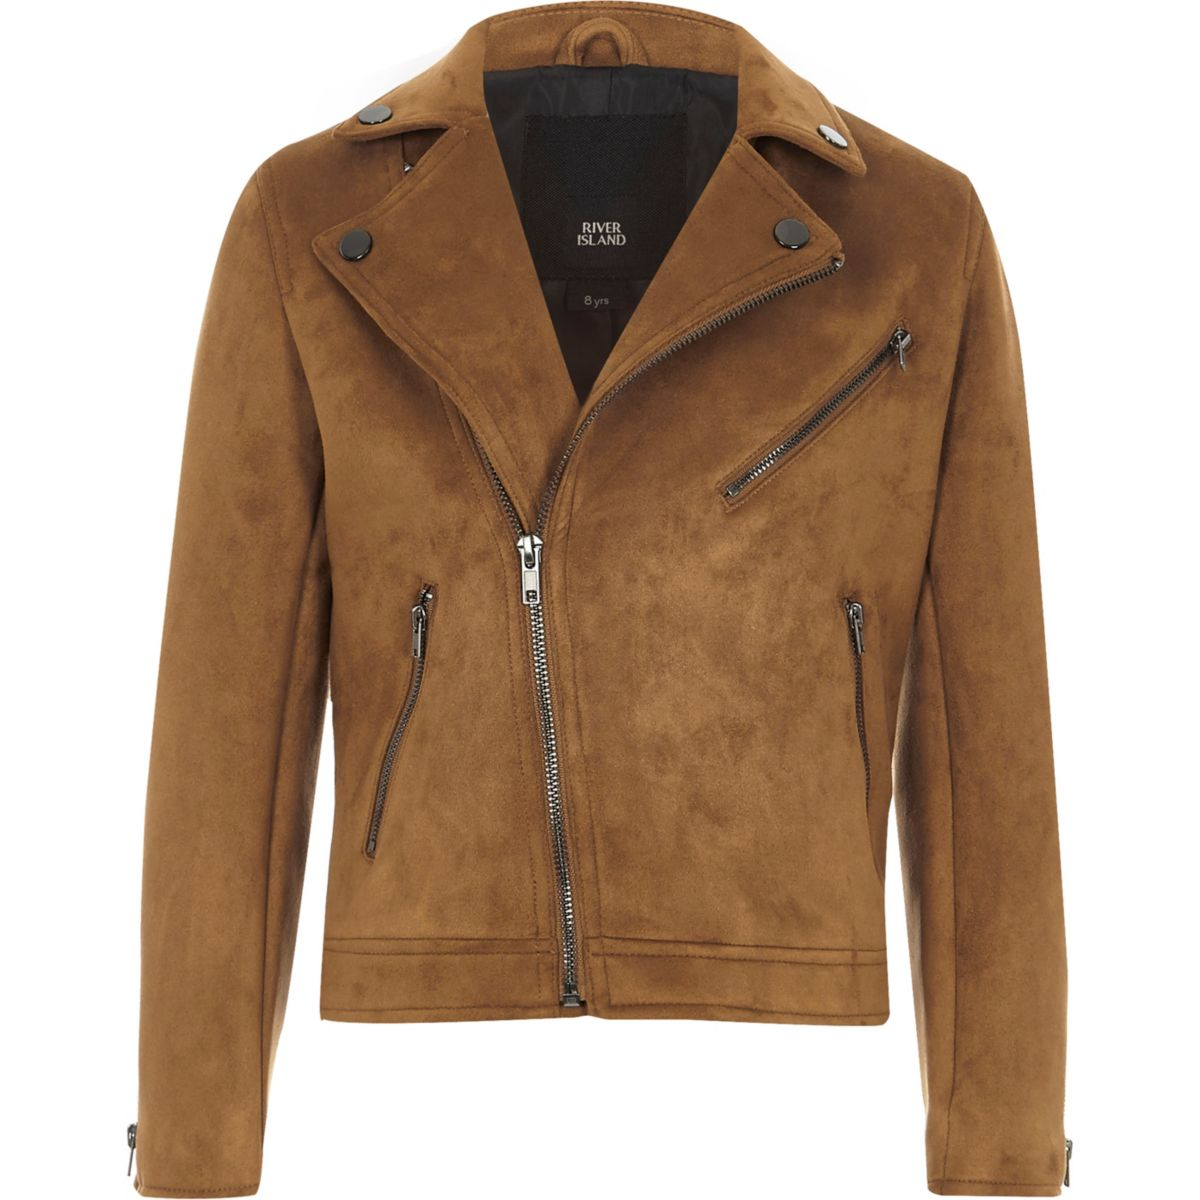 Boys tan faux suede biker jacket